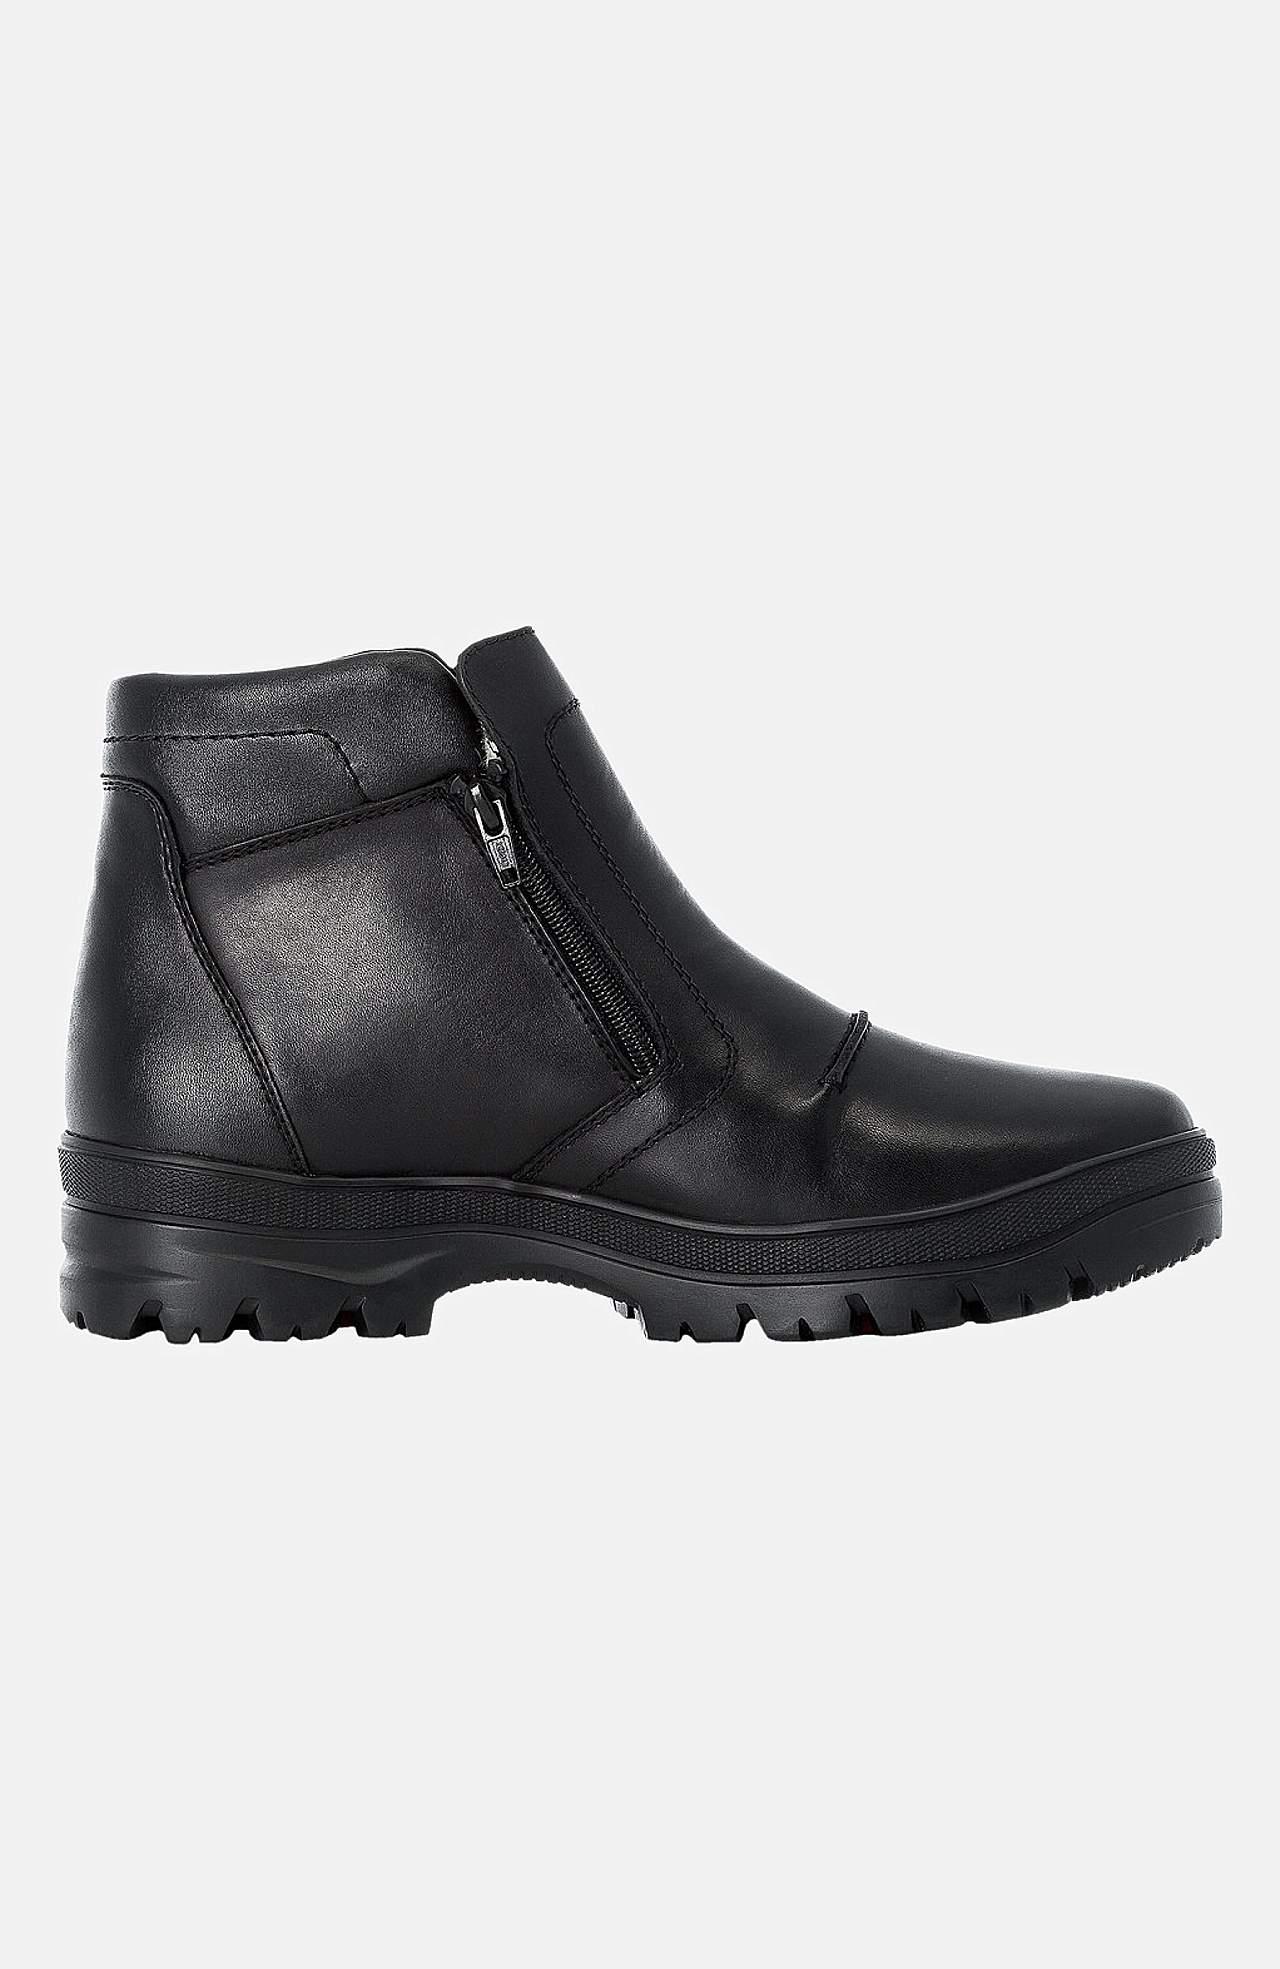 Vysoké kožené boty s teplou podšívkou